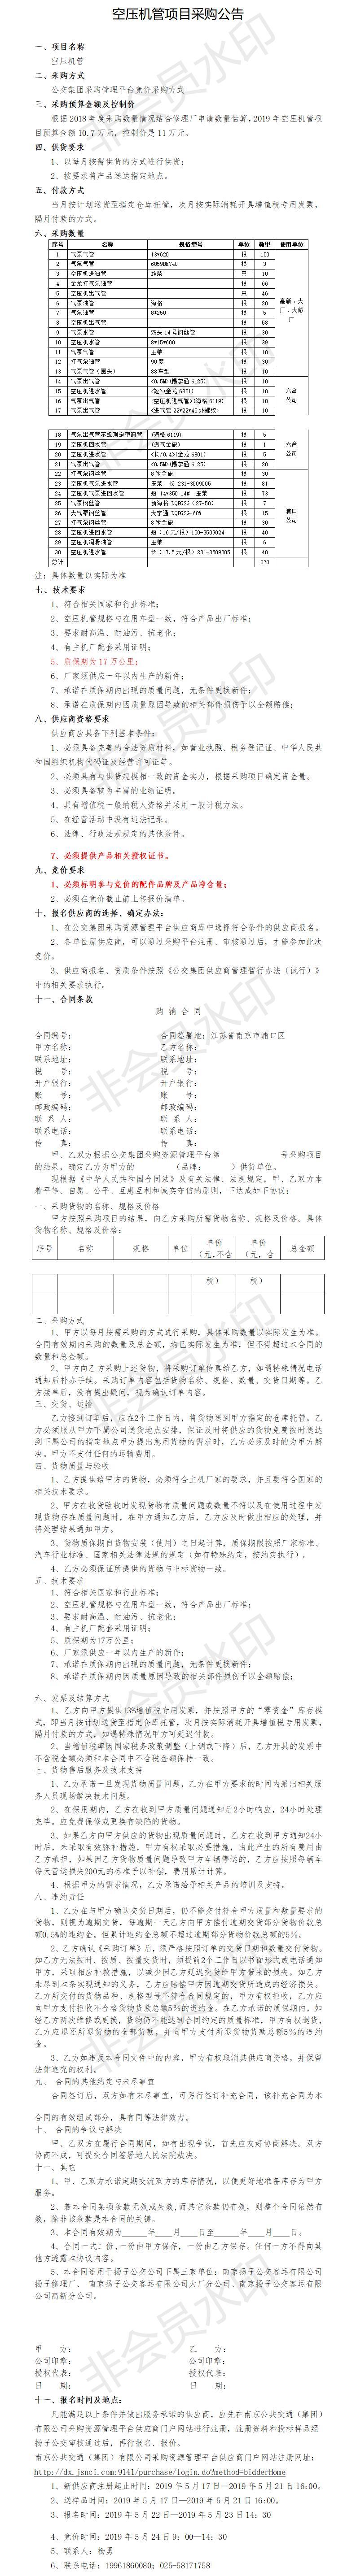 空压机管平台竞价项目采购公告.png